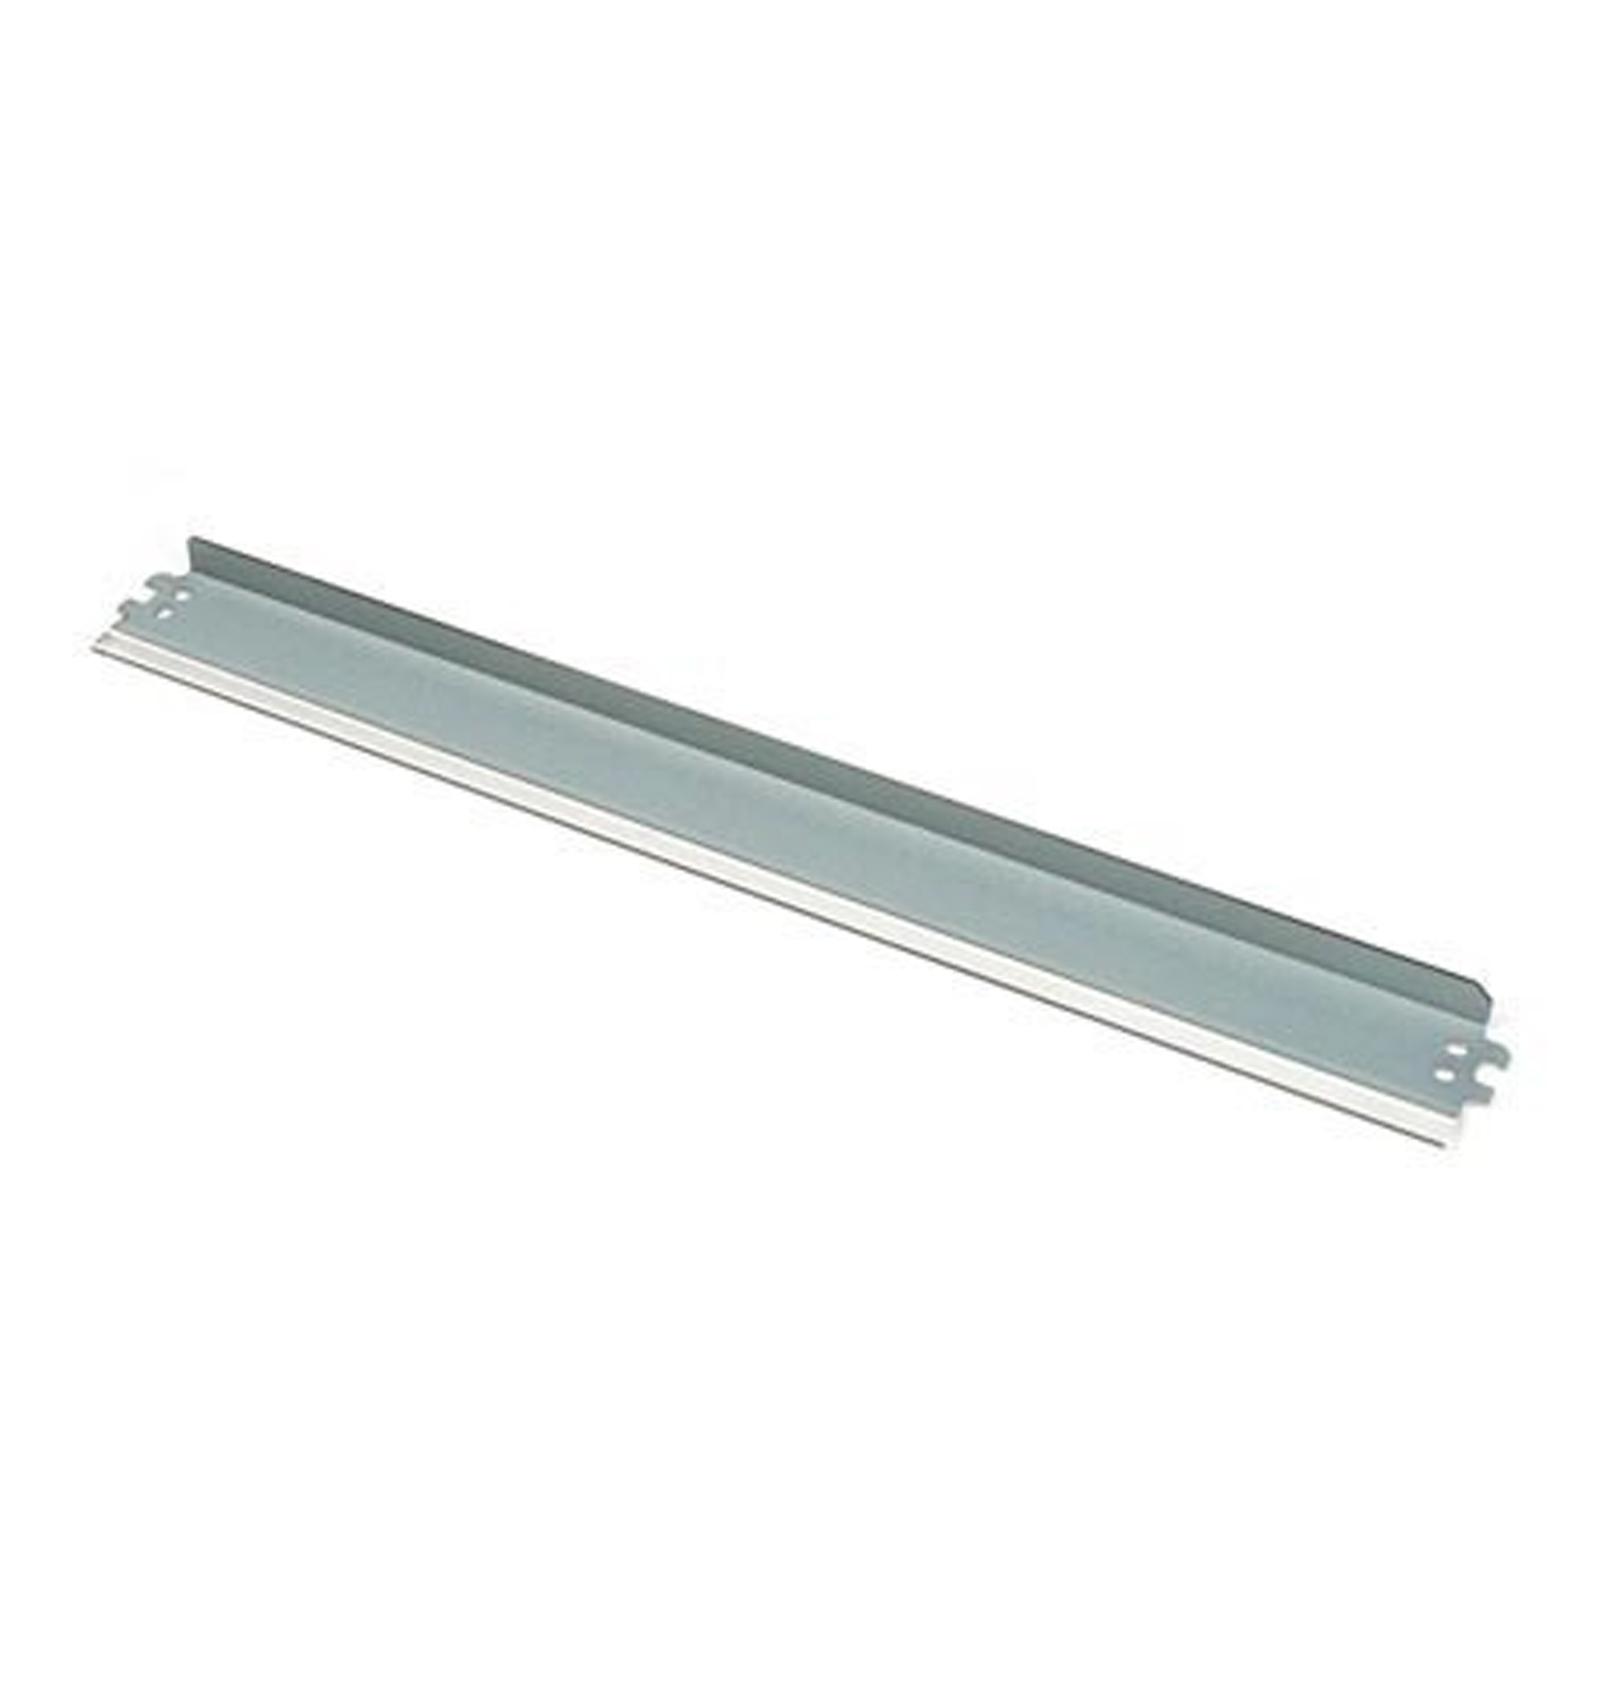 Замена ракеля картриджа HP CF283A/X (83A/X) для HP LaserJet Pro M125rnw/M127fn/M127fw/M201/M225